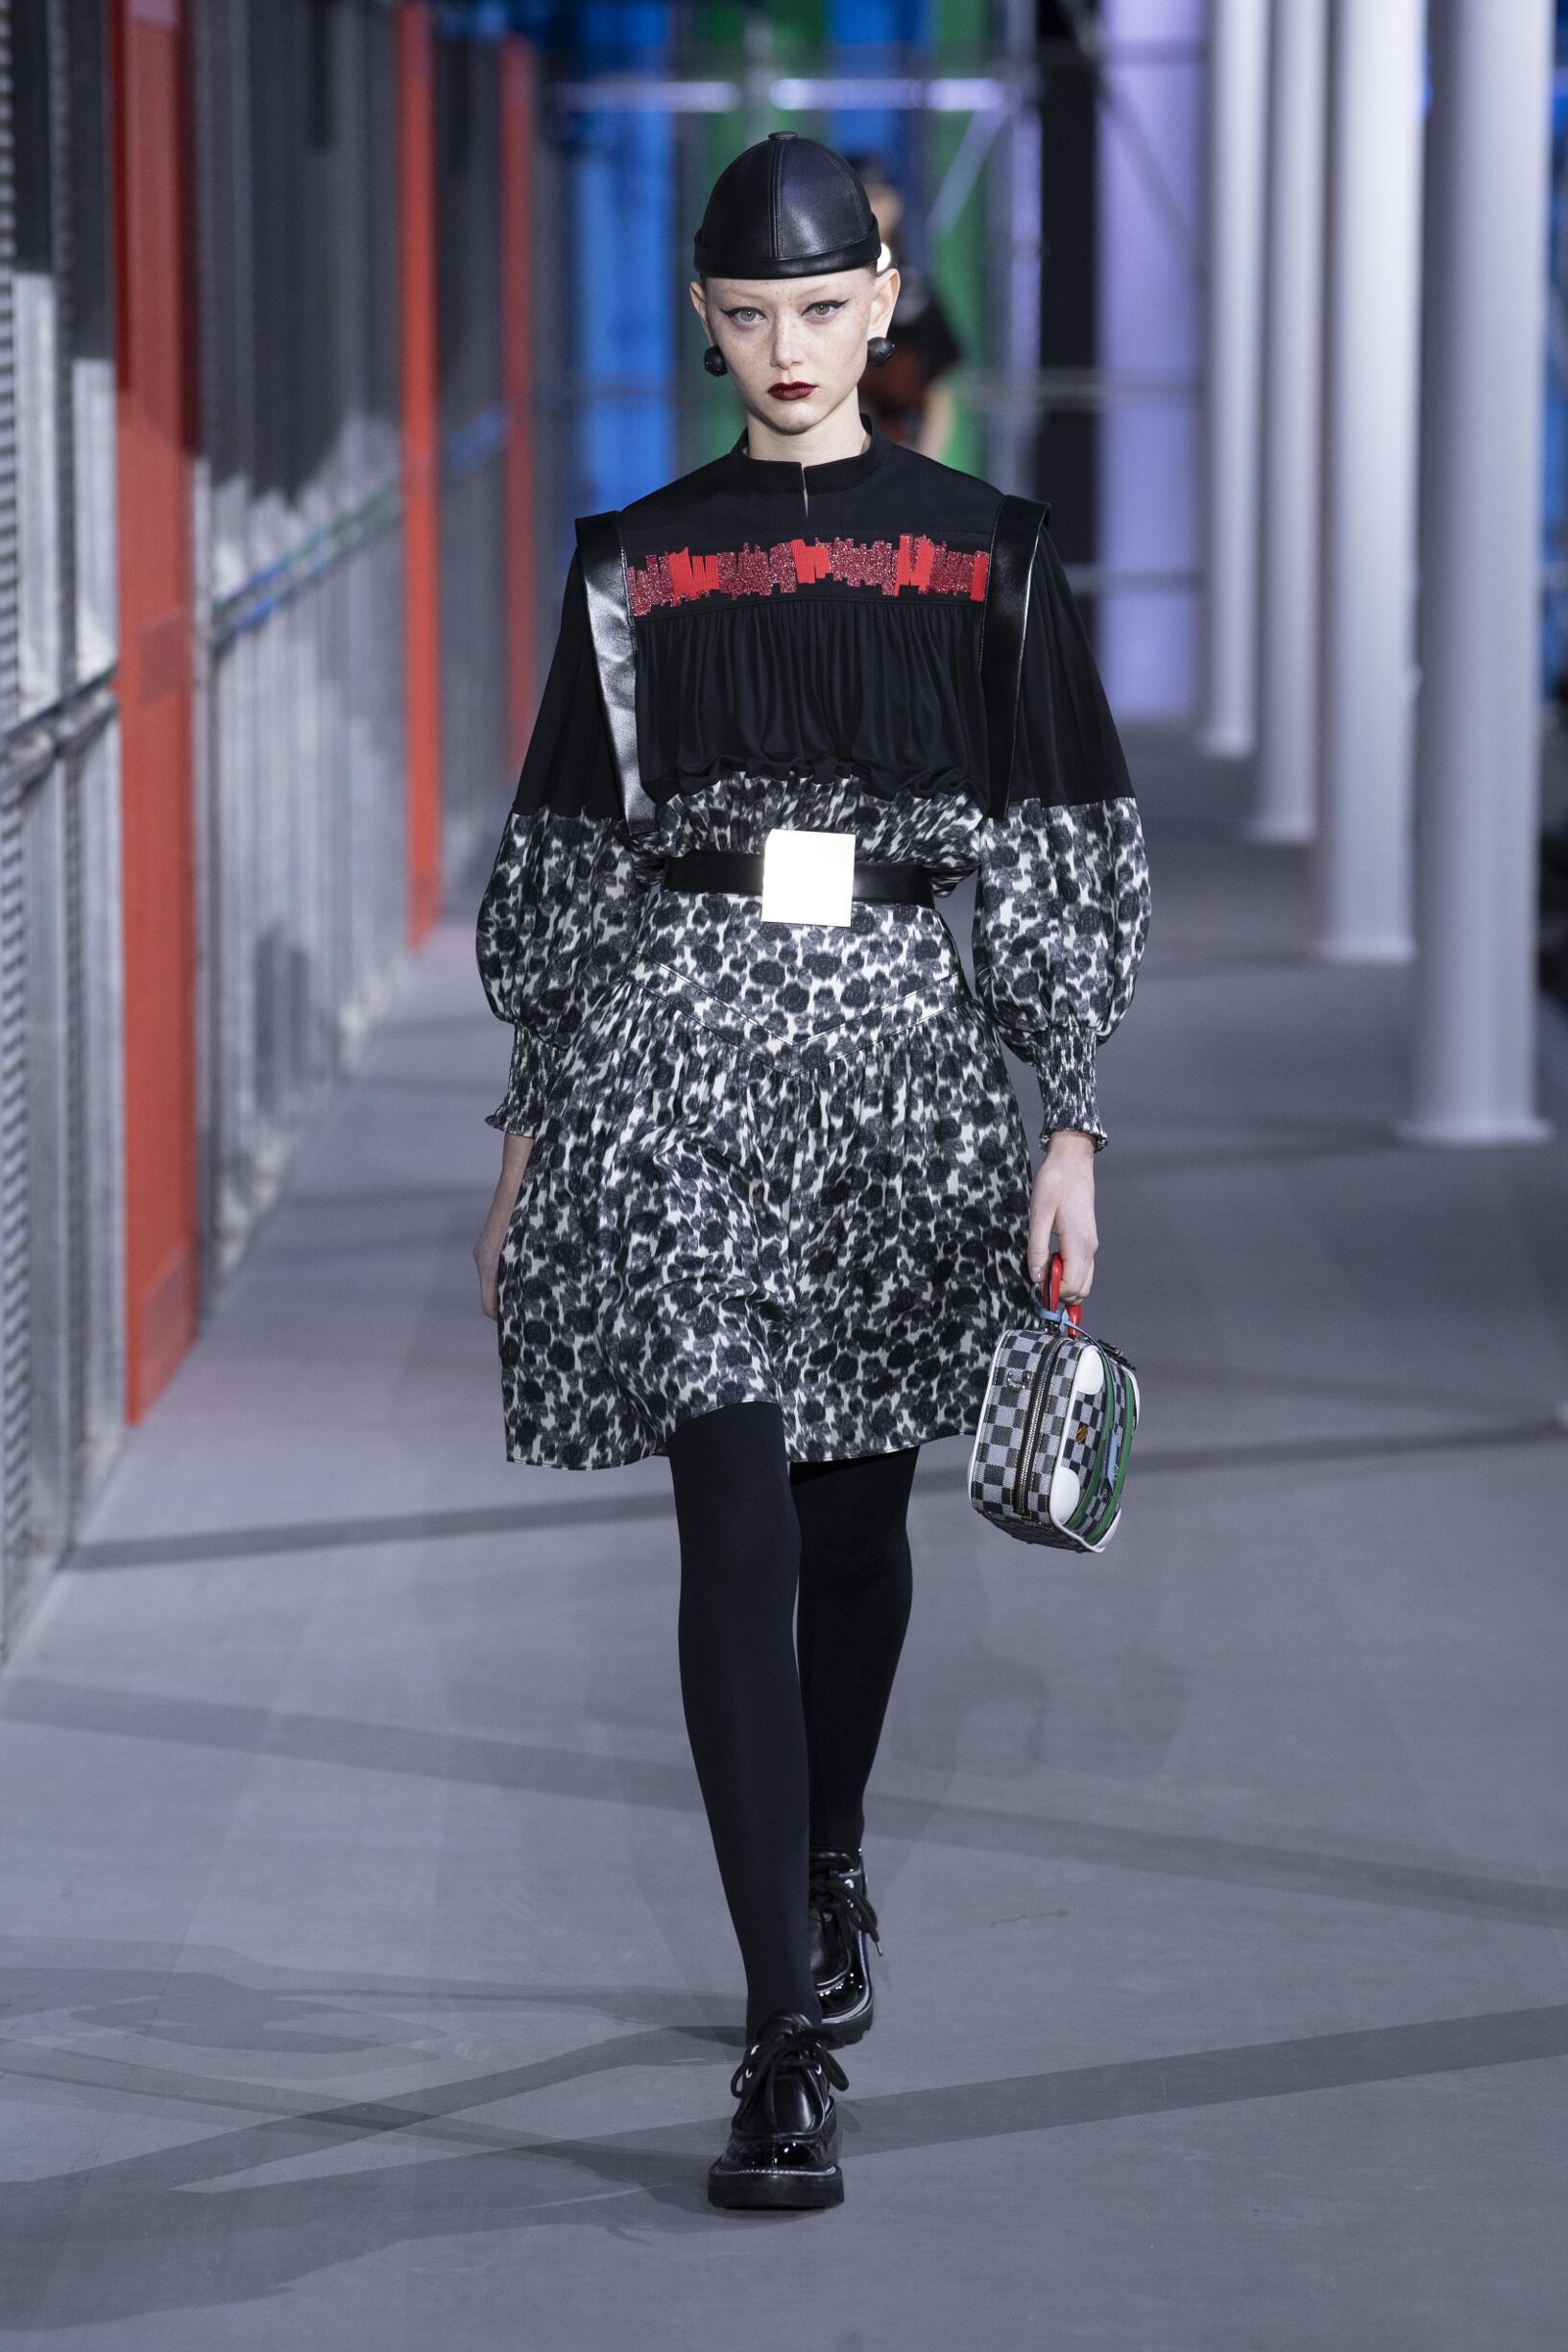 Louis Vuitton Fall 2019 Catwalk